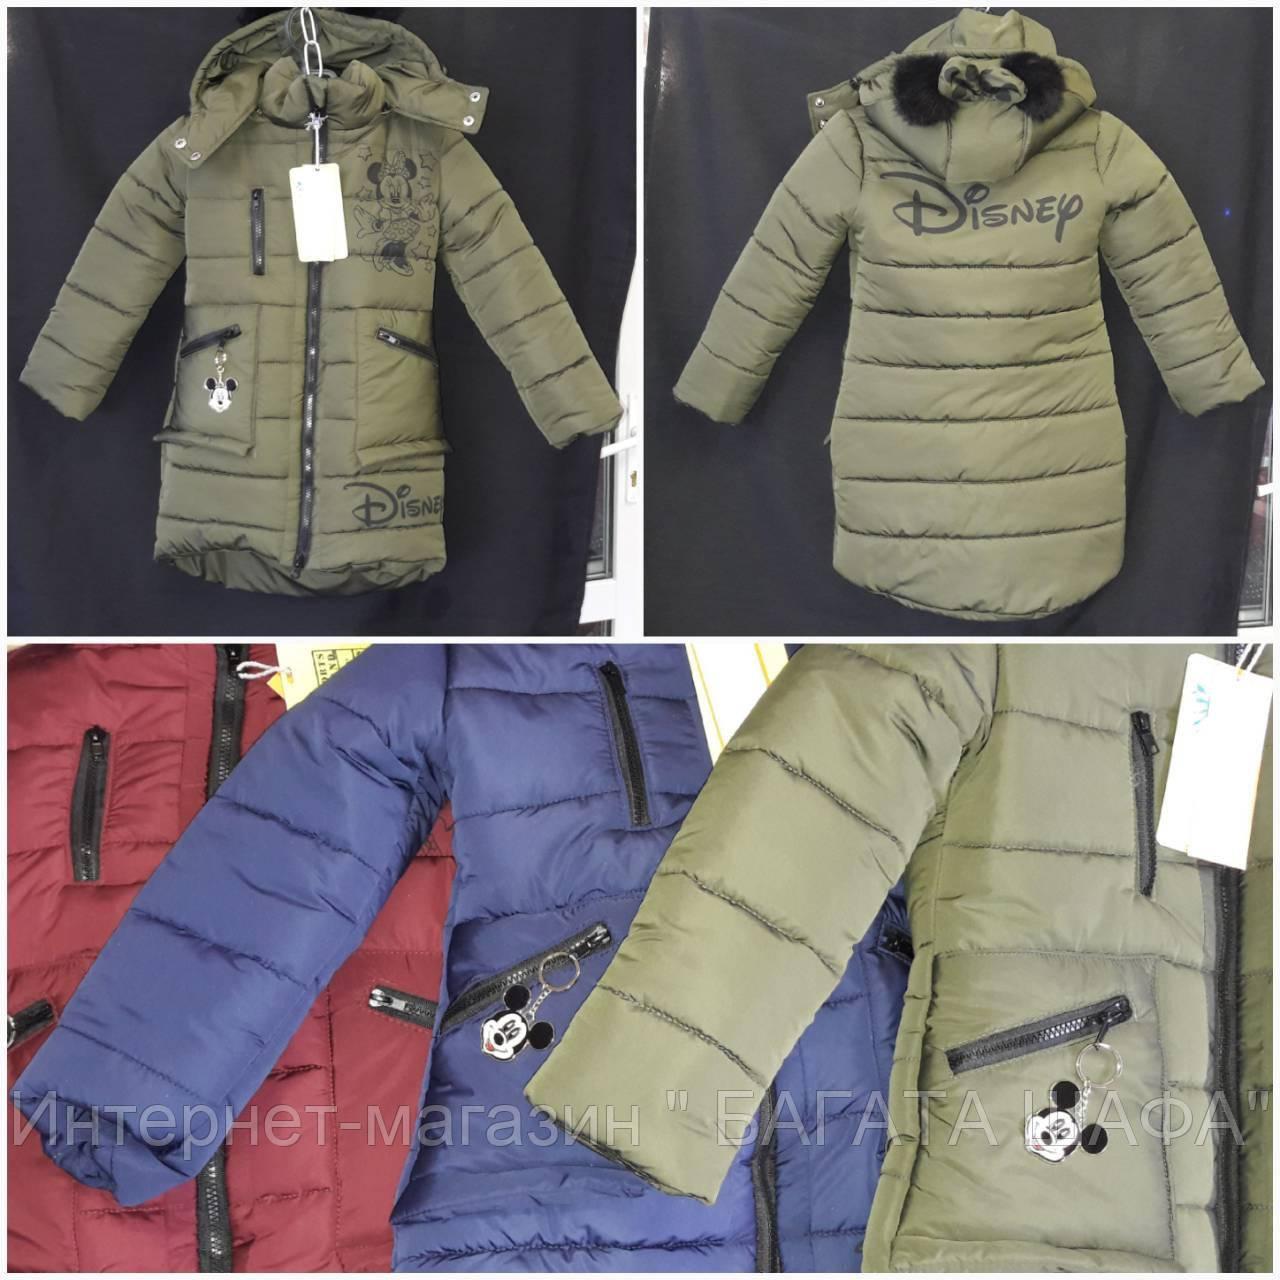 e02067b6 Зимняя теплая куртка для девочки